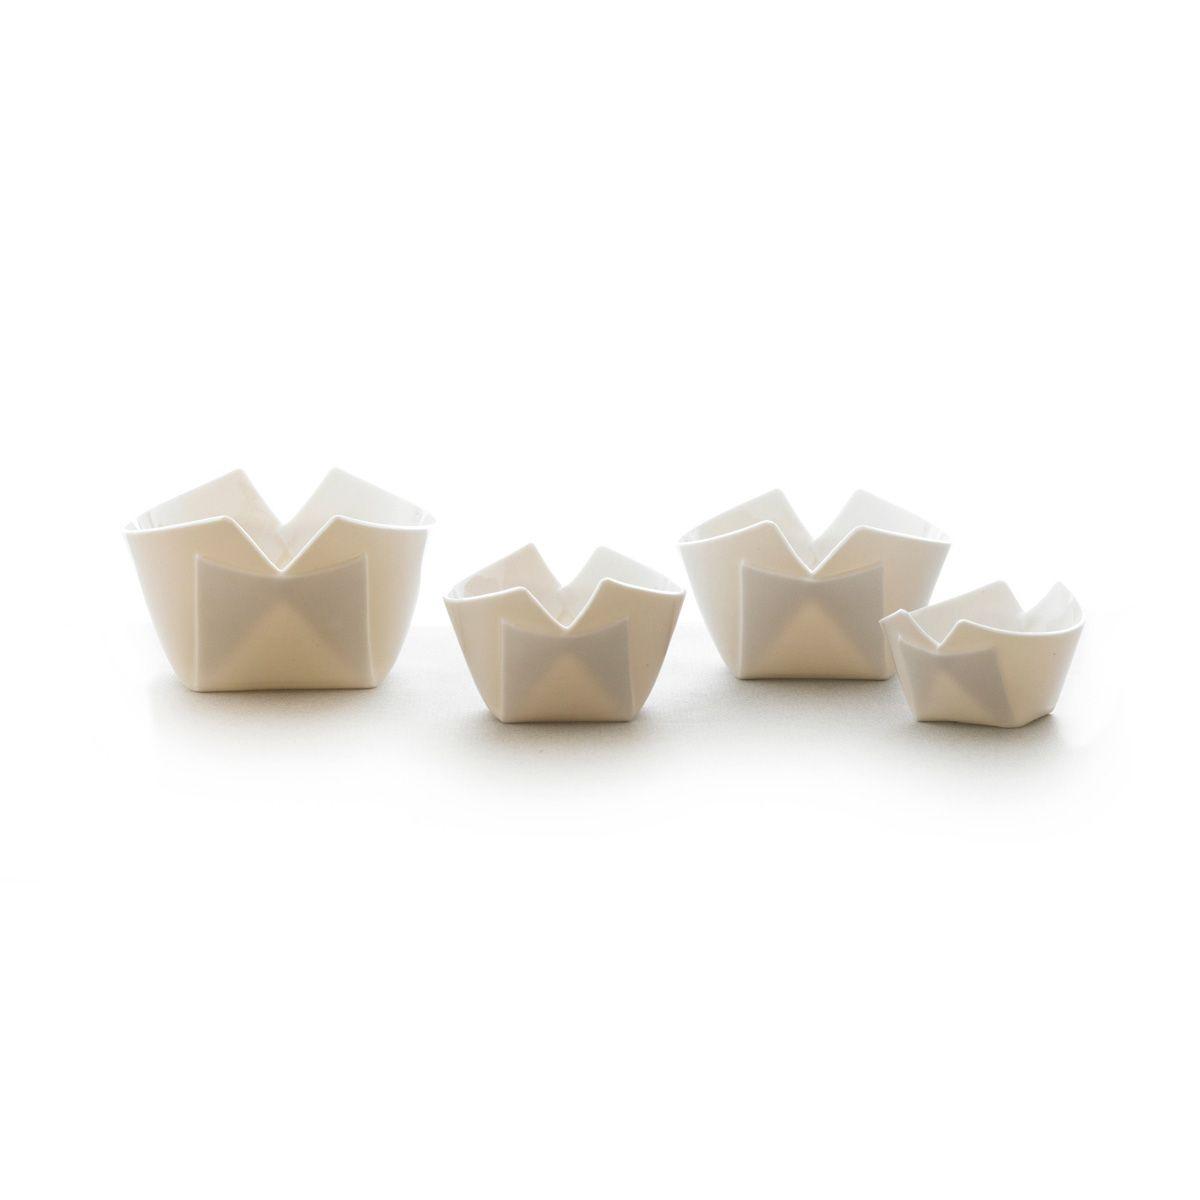 Nudel skål, 4 størrelser, transparent Pia Baastrup